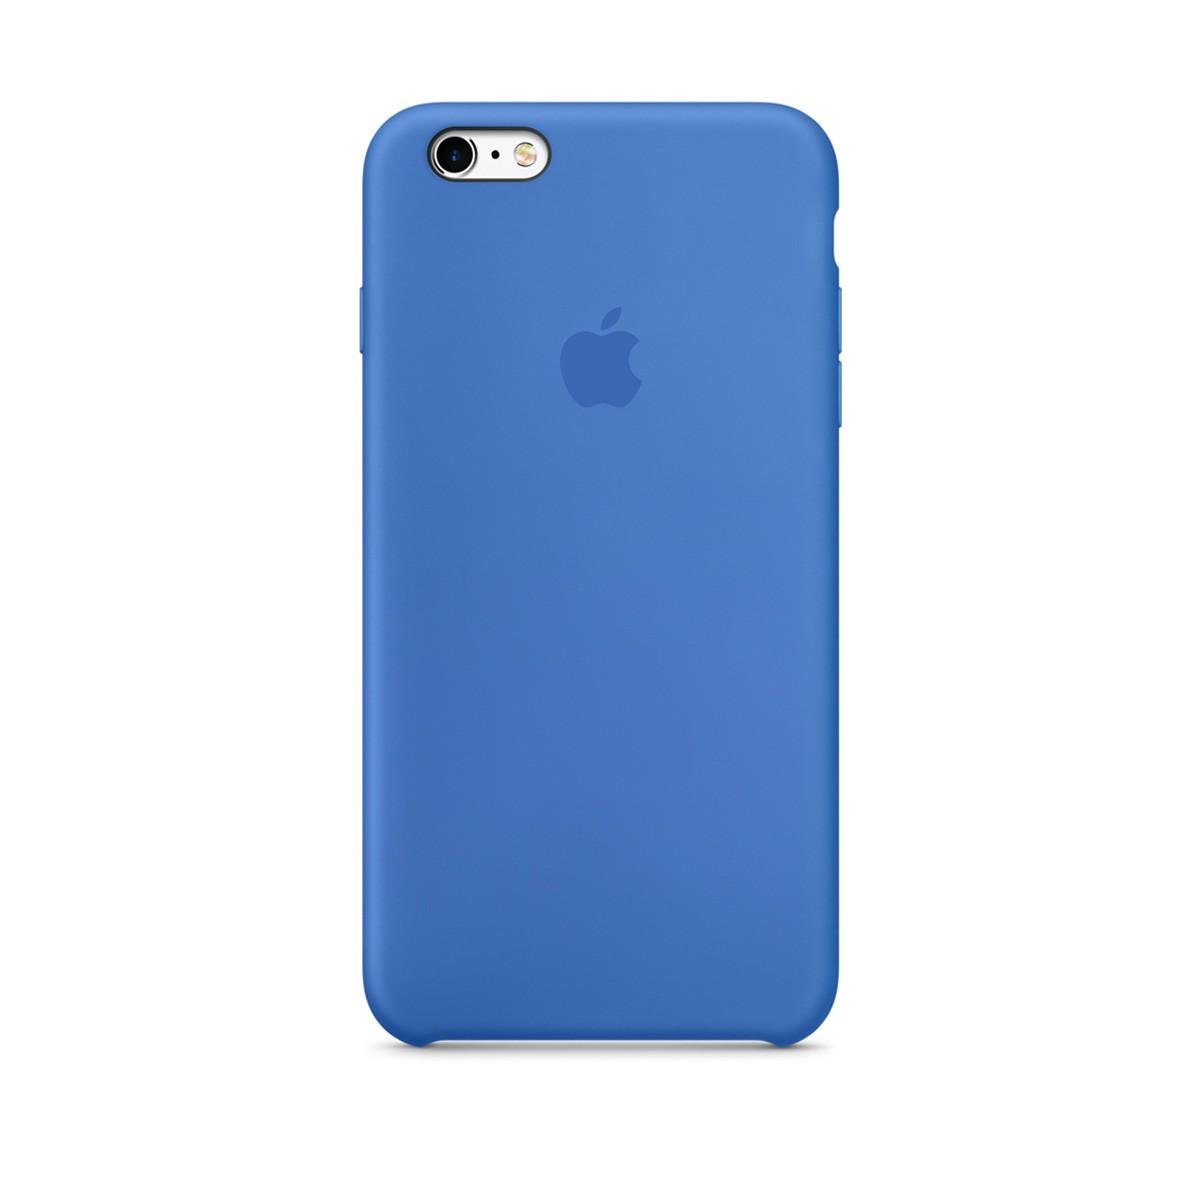 Silikonový kryt Apple Silicone Case iPhone 6s 6 Královský modrý (Royal Blue) dfe0852453a